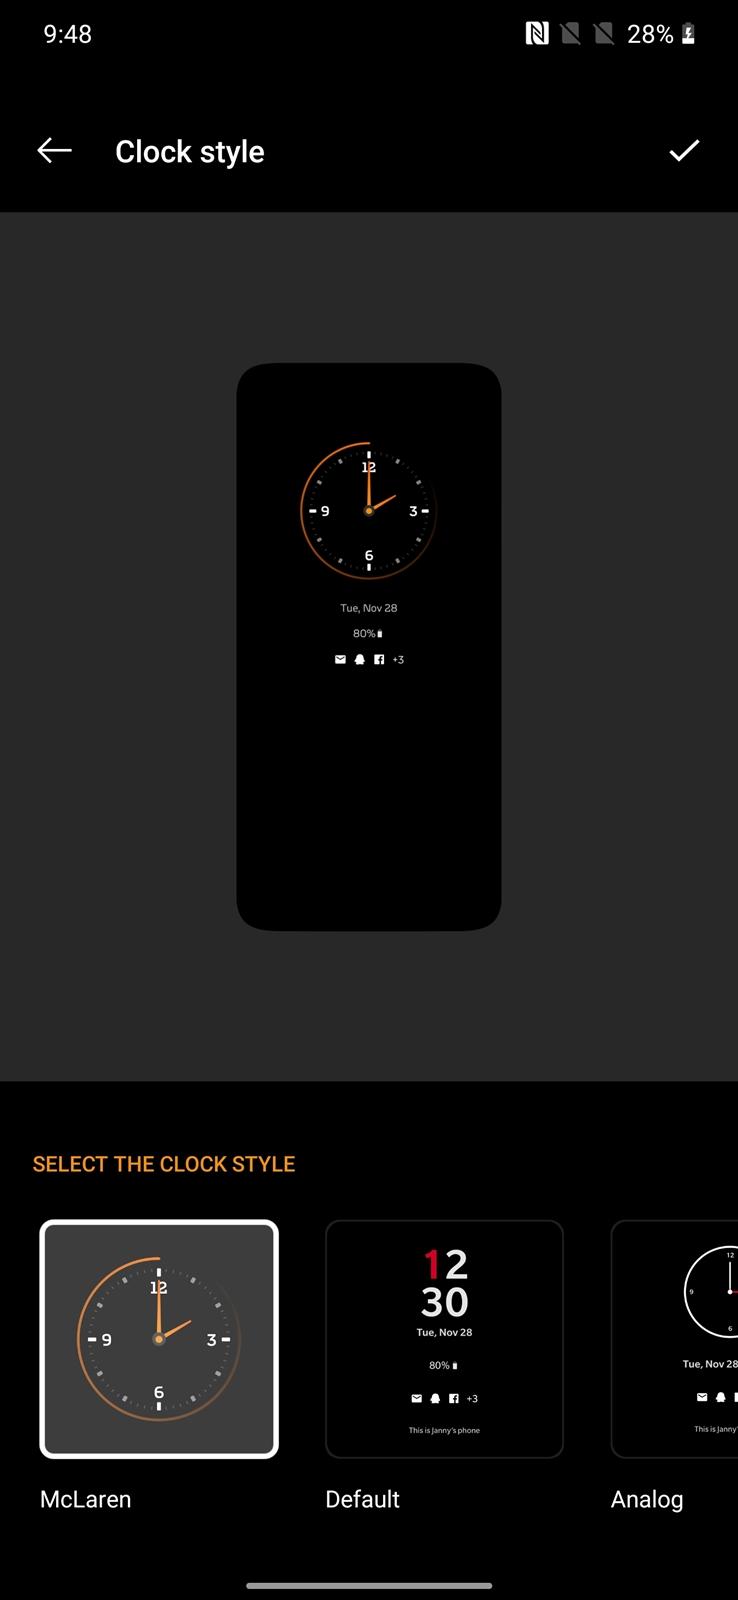 OnePlus 7T Pro McLaren clock